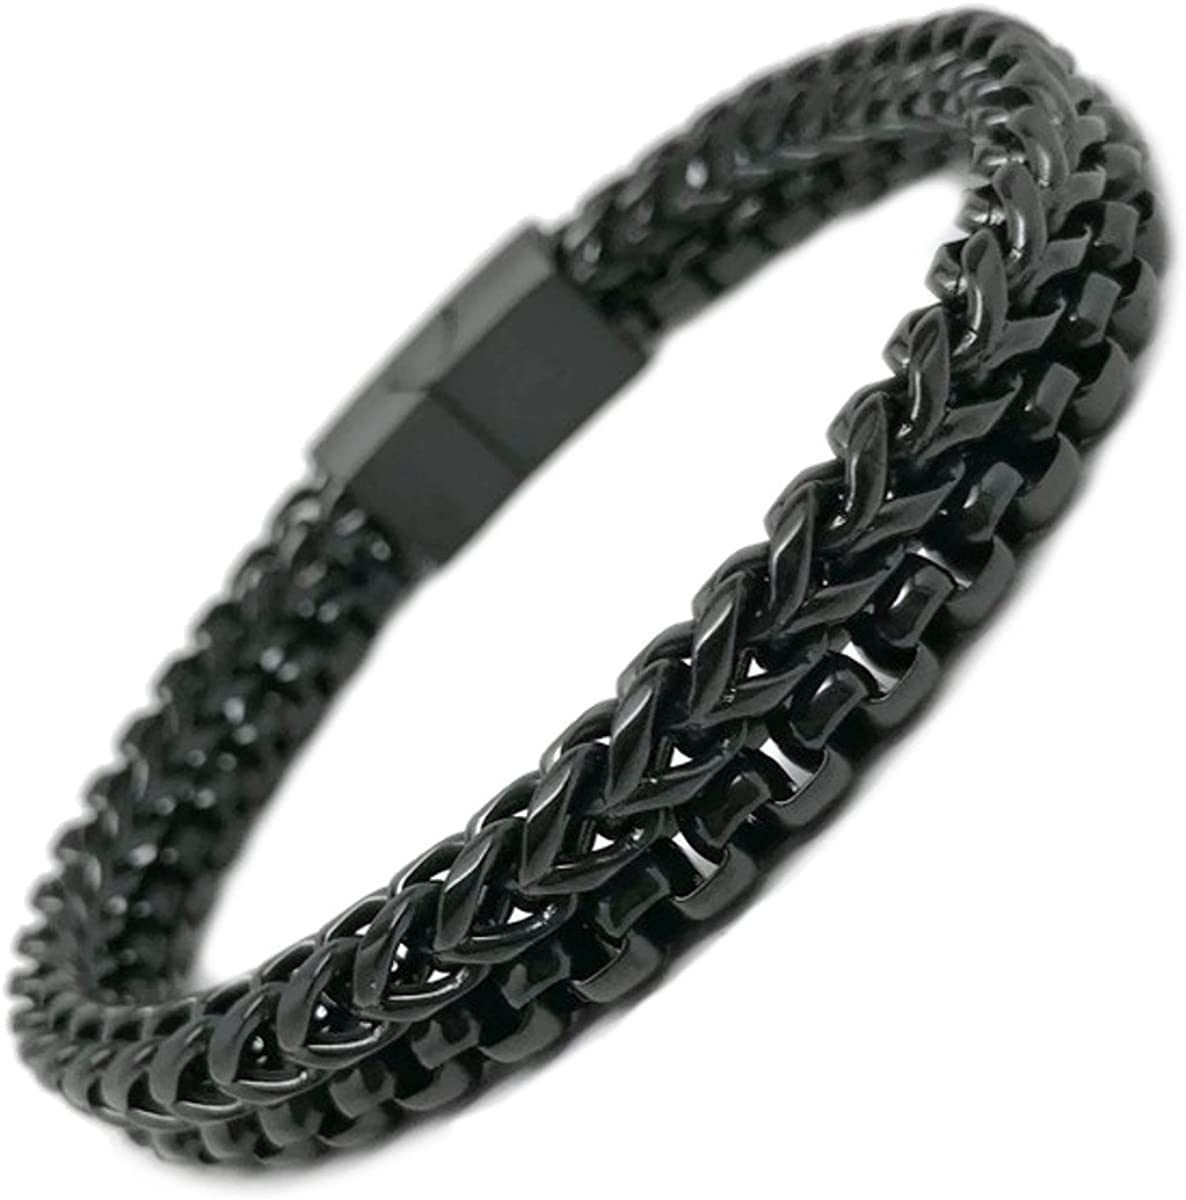 Black Silver Links Bracelet for Men,Brushed Gloss Stainless Steel Under £10 Gift